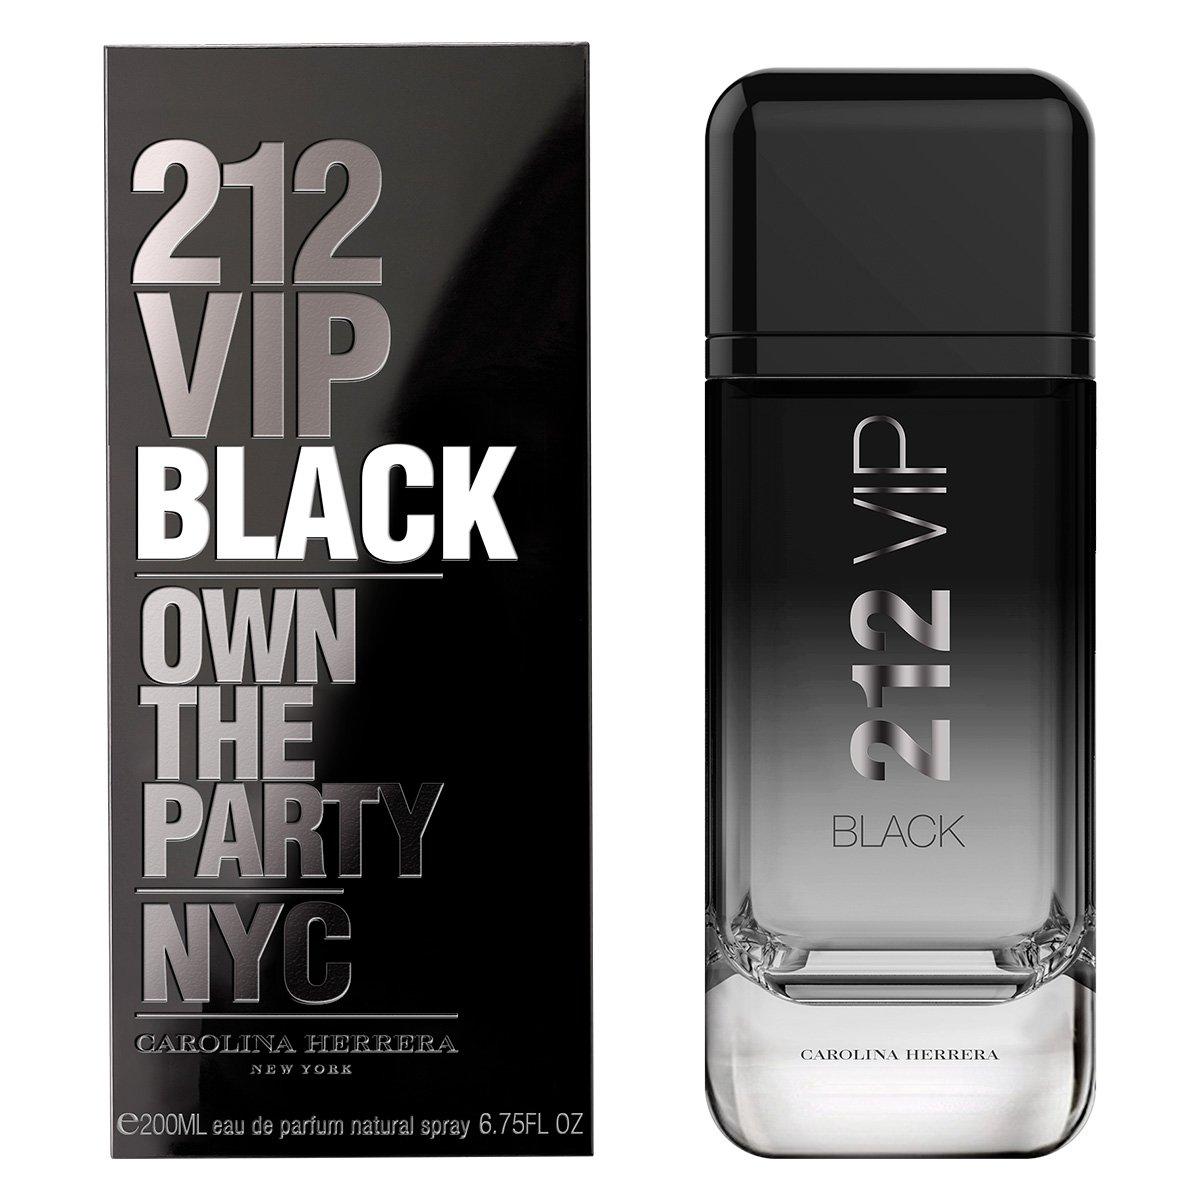 212 VIP Black Carolina Herrera - Perfume Masculino Eau de Parfum 200ml